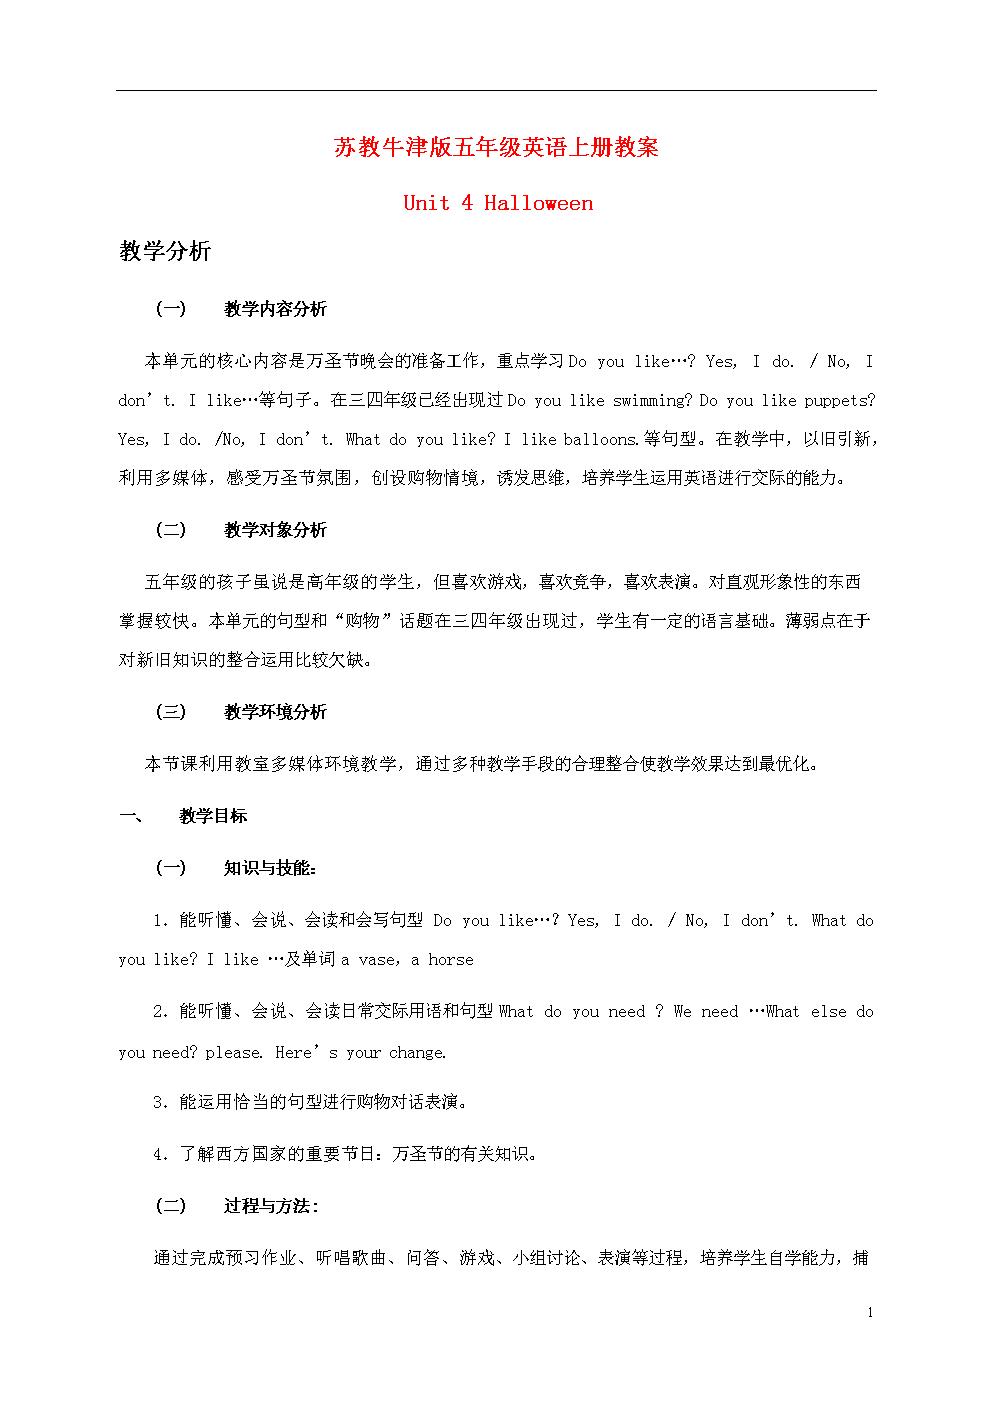 五年级英语上册 Unit 4(23)教案 苏教牛津版.doc